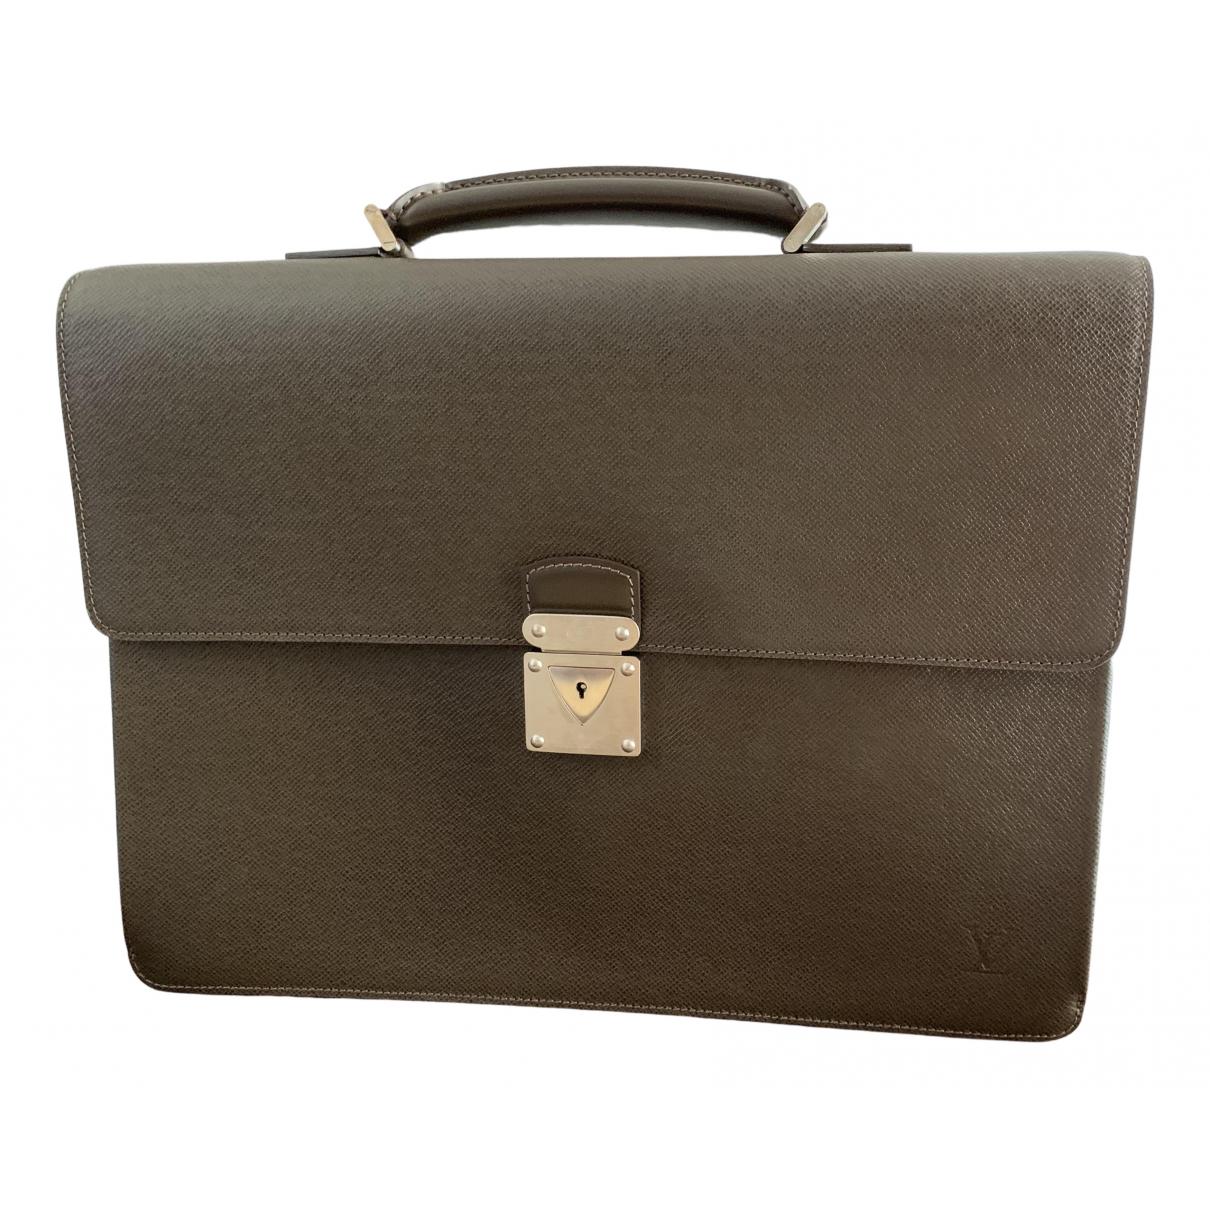 Louis Vuitton - Sac Robusto pour homme en cuir - marron